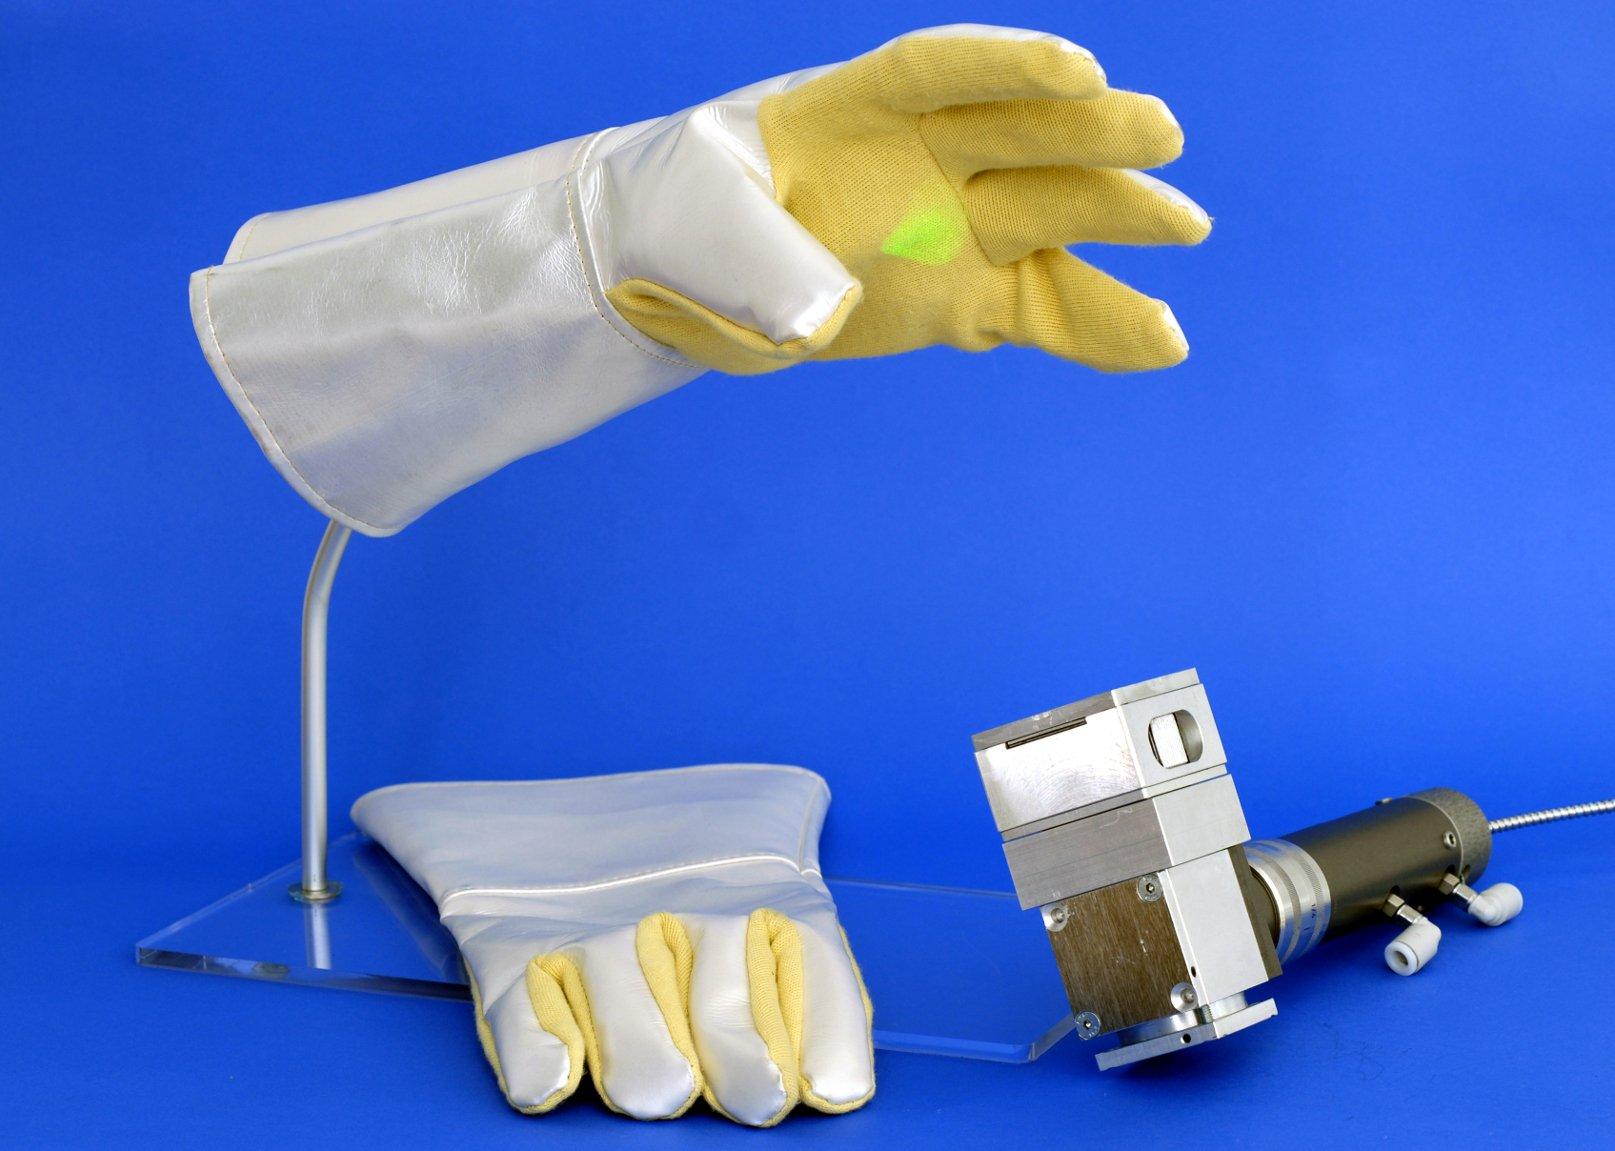 Für die Arbeit mit Hochleistungslasern konzipierte passive Schutzhandschuhe.